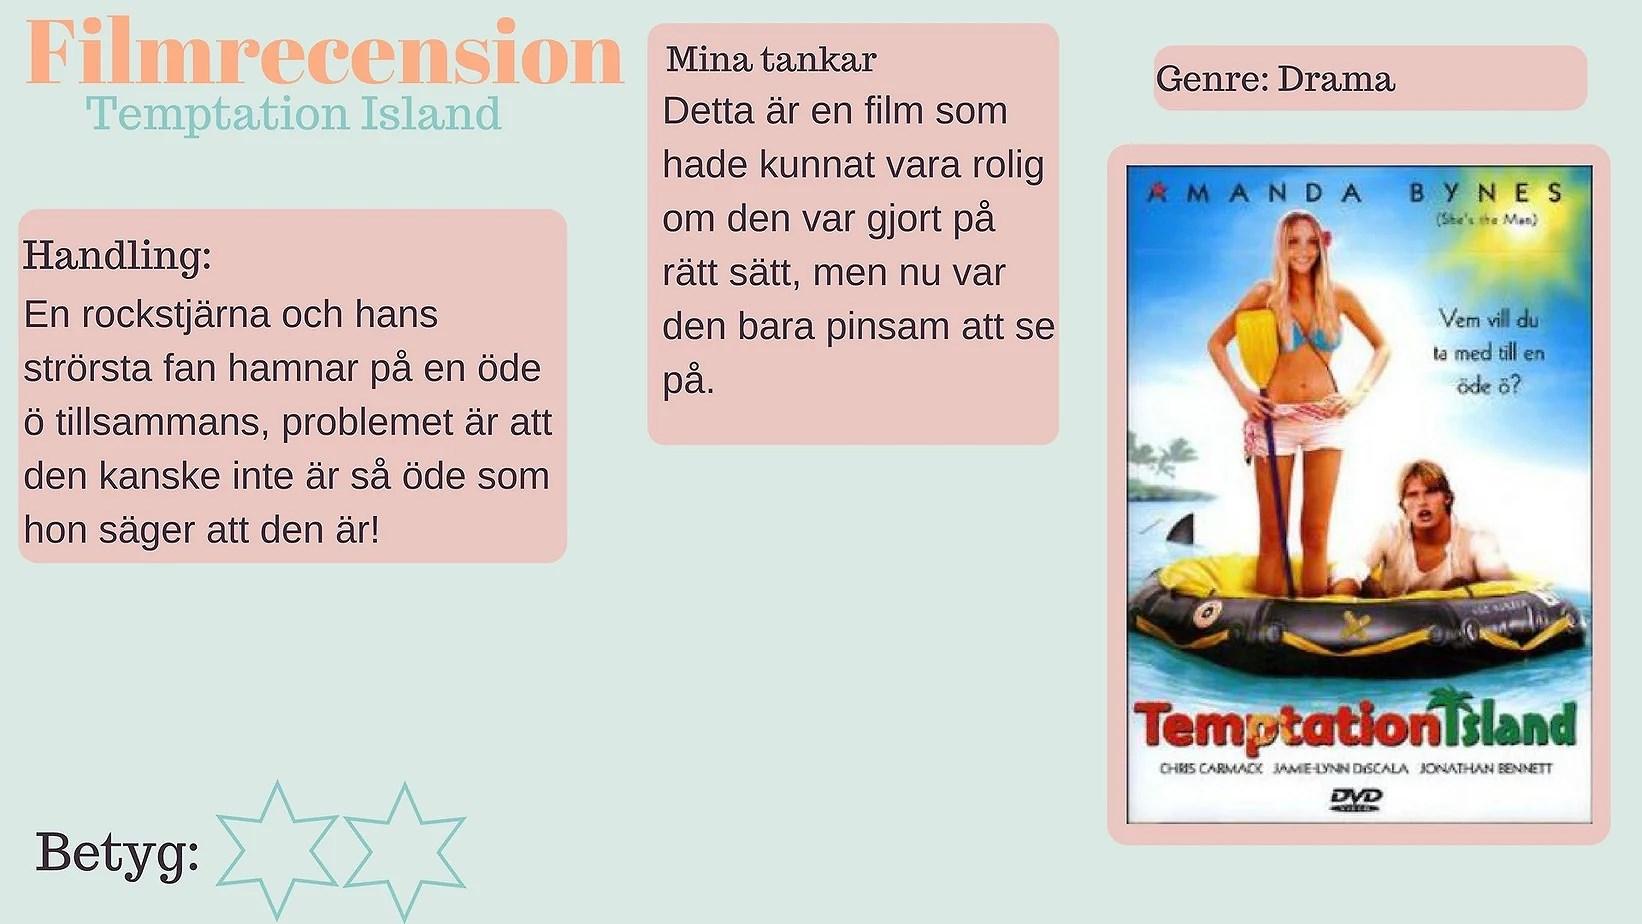 filmrecension - Temptation Island